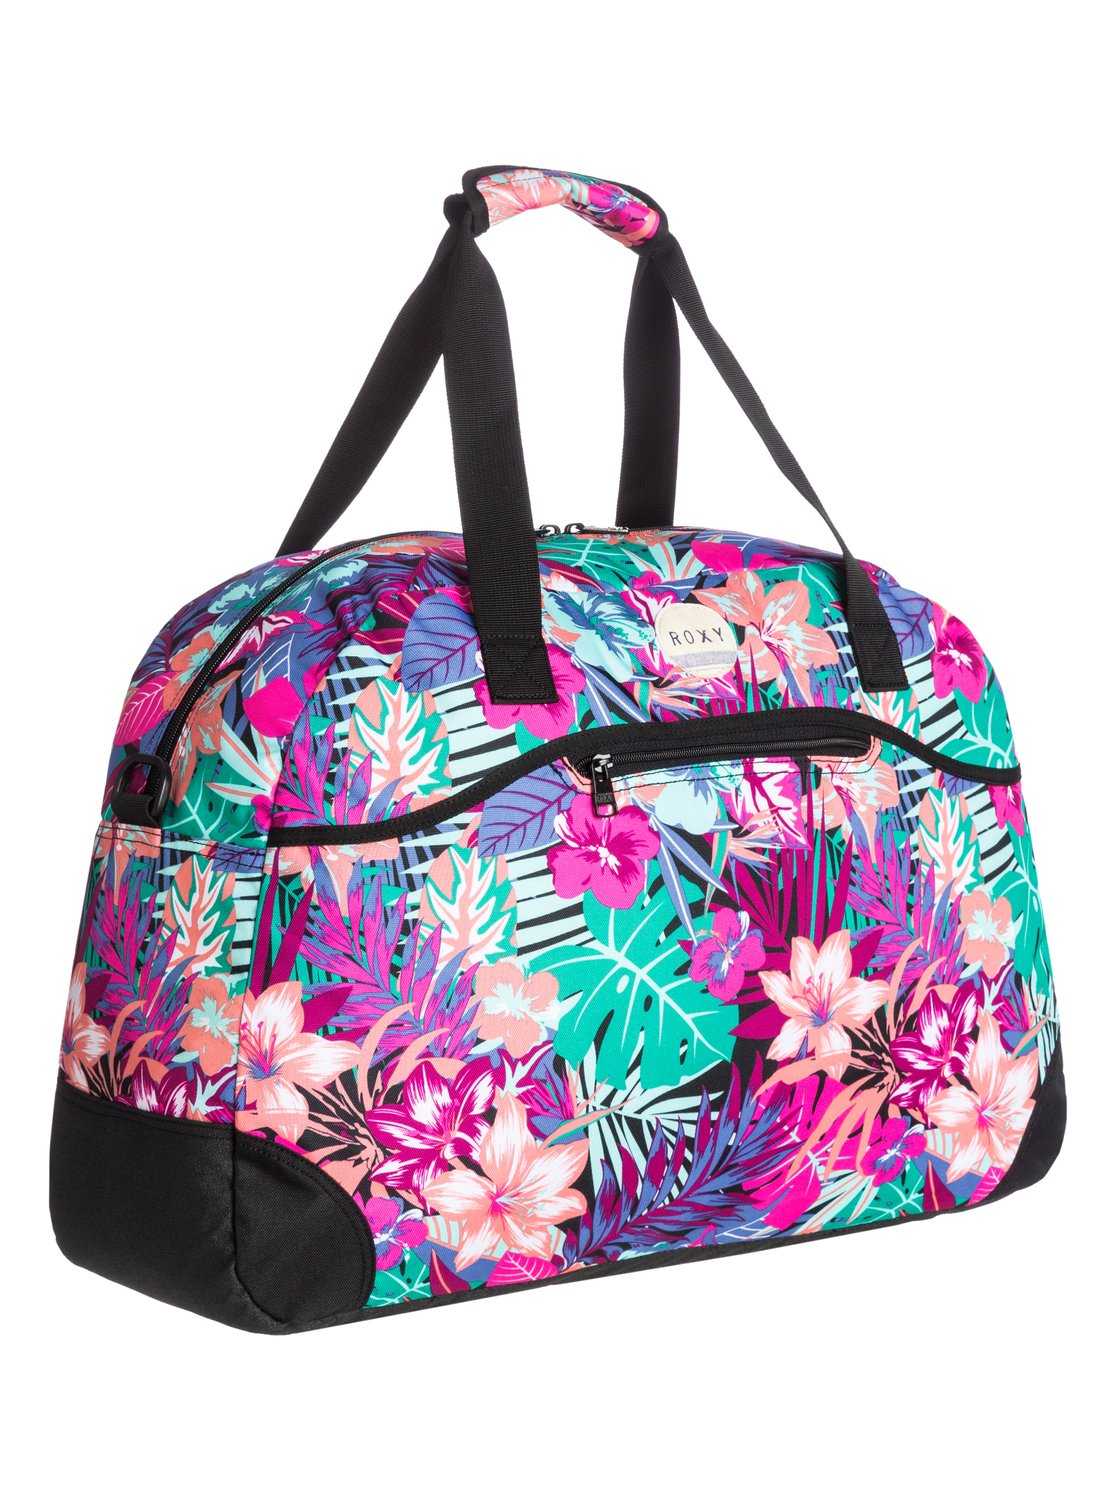 roxy sac de voyage